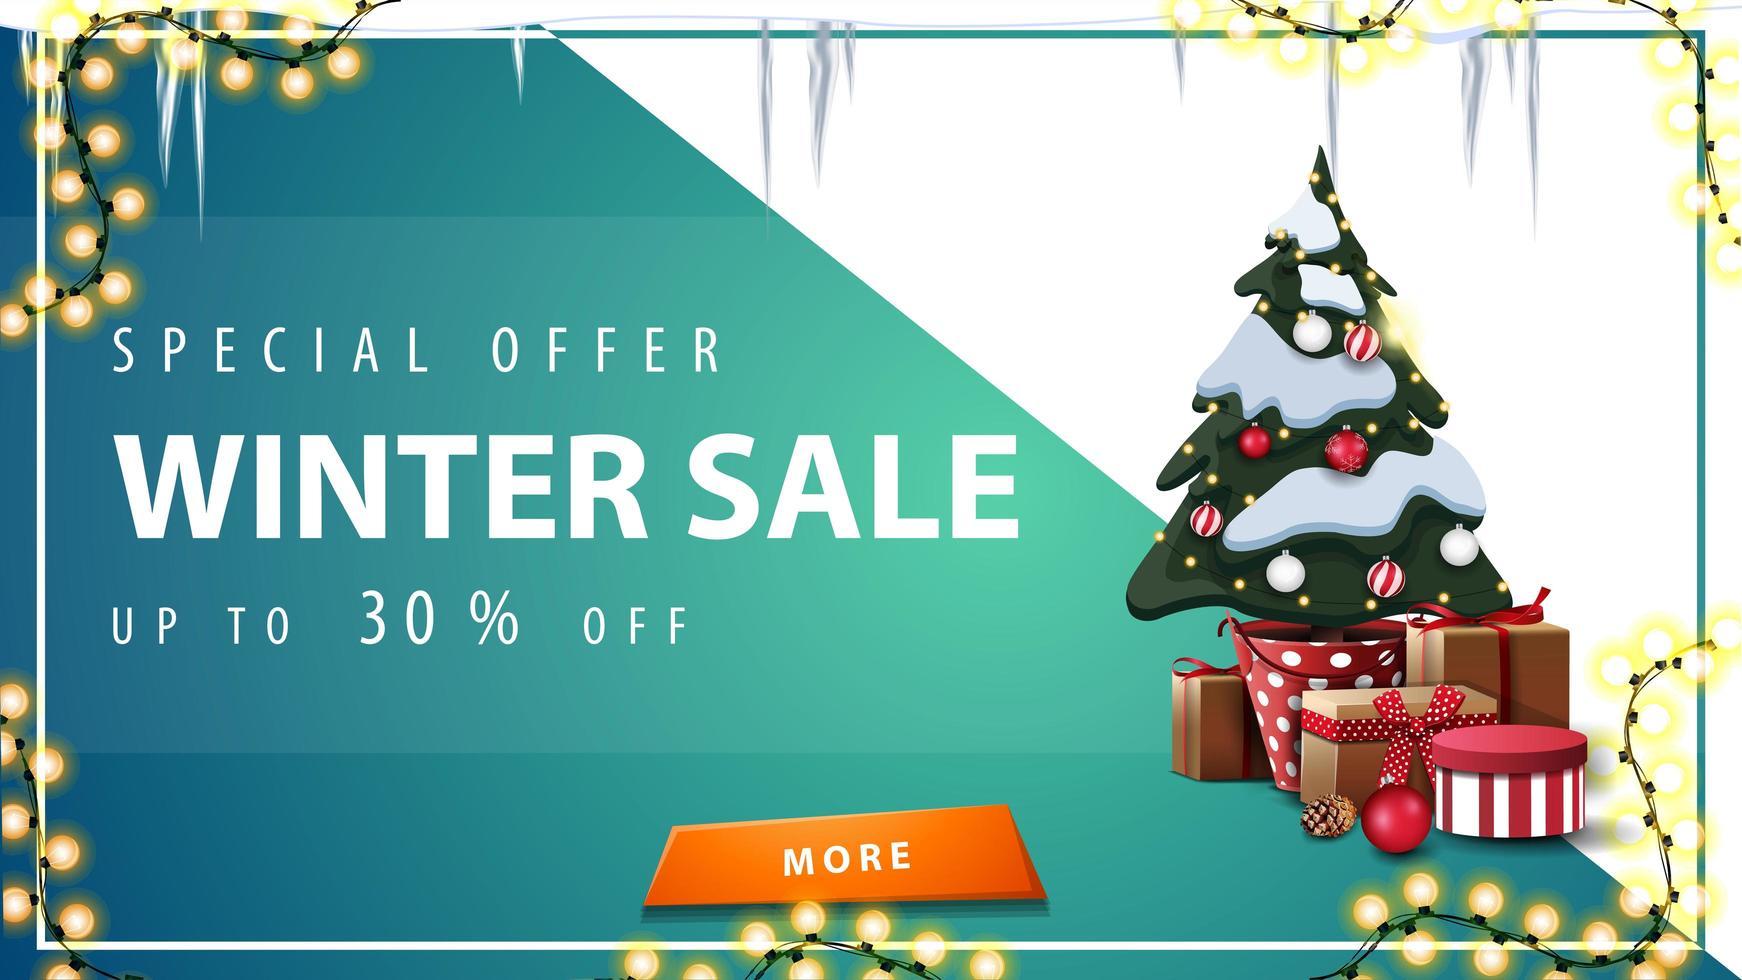 Winterschlussverkauf, Rabatt-Banner mit orangefarbenem Knopf vektor